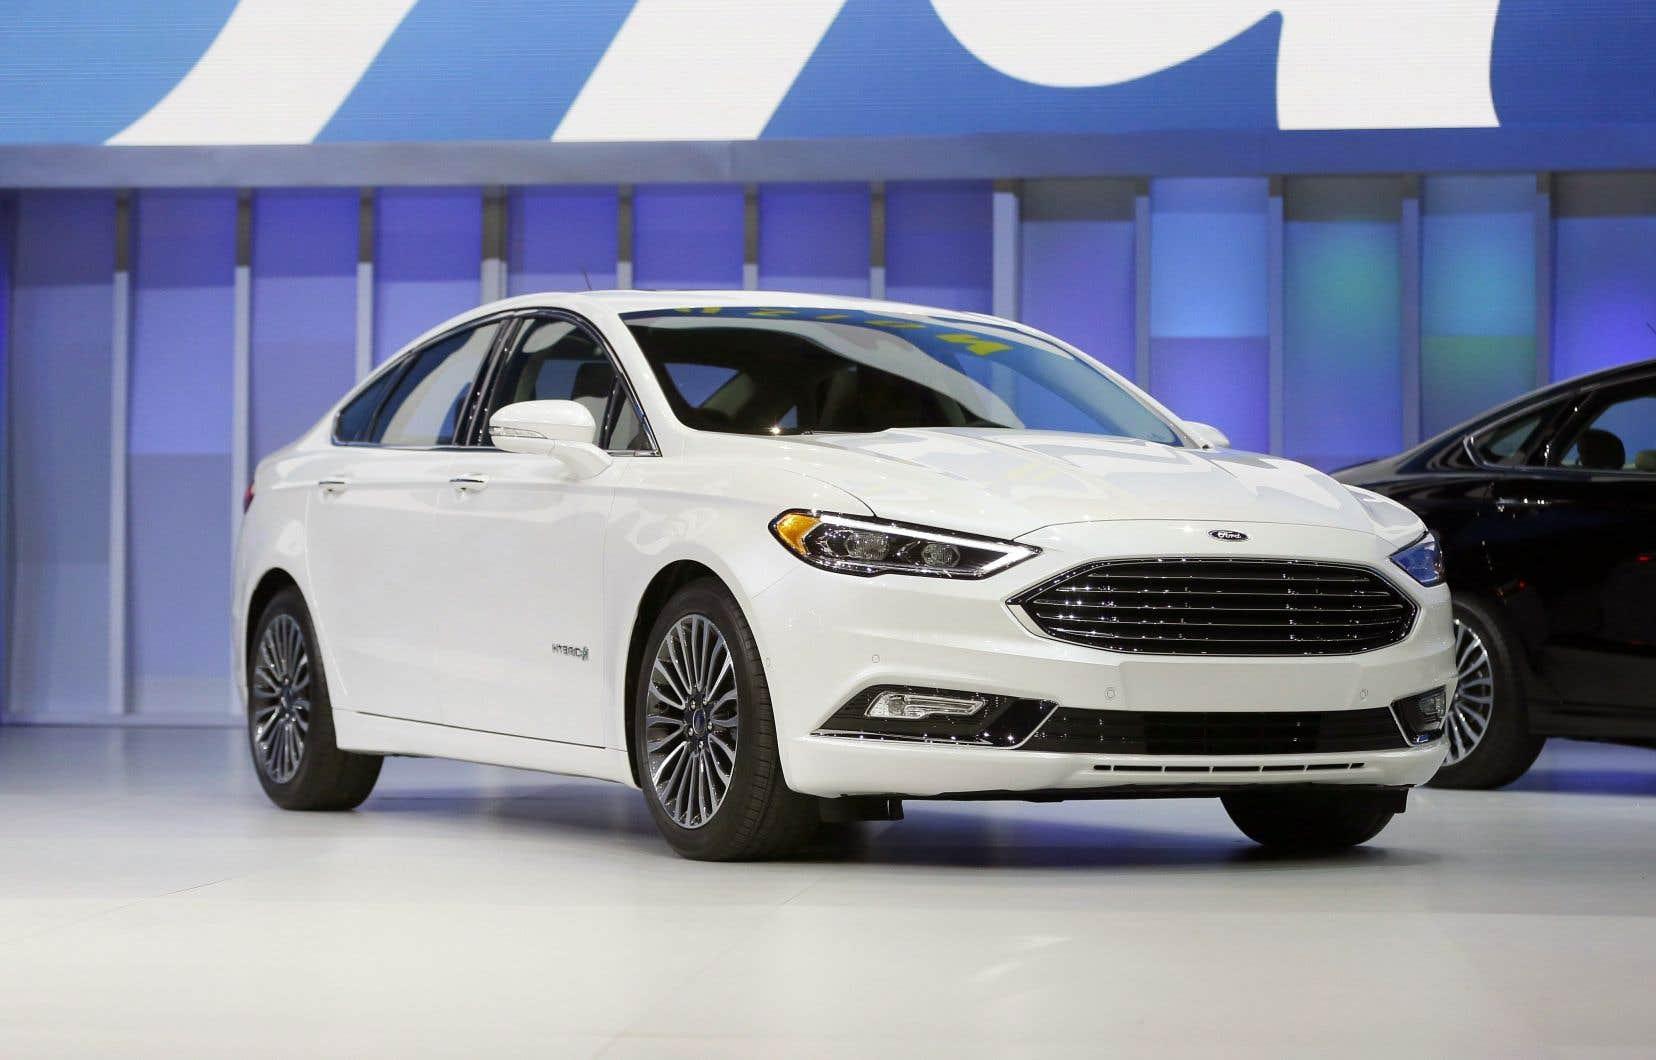 La Fusion sera l'un des modèles sacrifiés par le constructeur automobile.